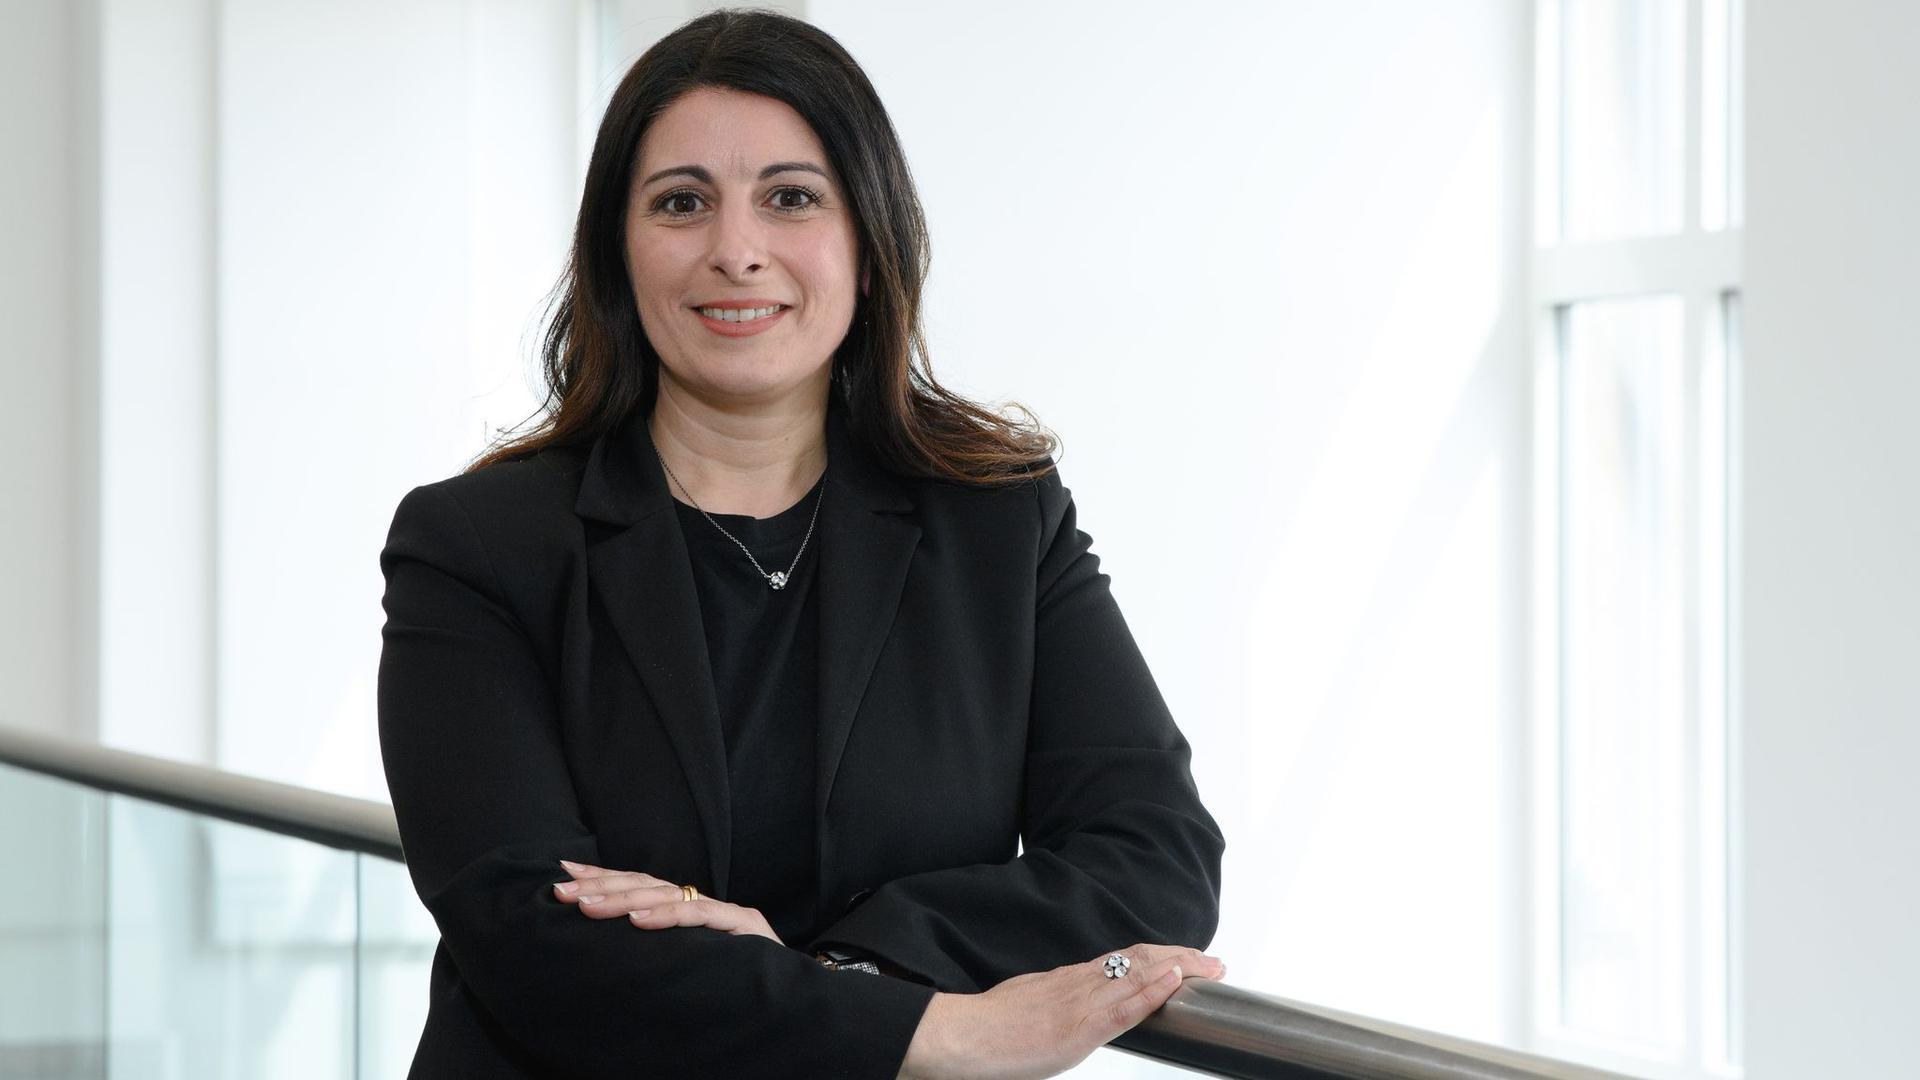 Daniela Cavallo, Vorsitzende des Gesamt- und Konzernbetriebsrats der Volkswagen AG, nach einem Gespräch mit einem dpa-Journalisten.